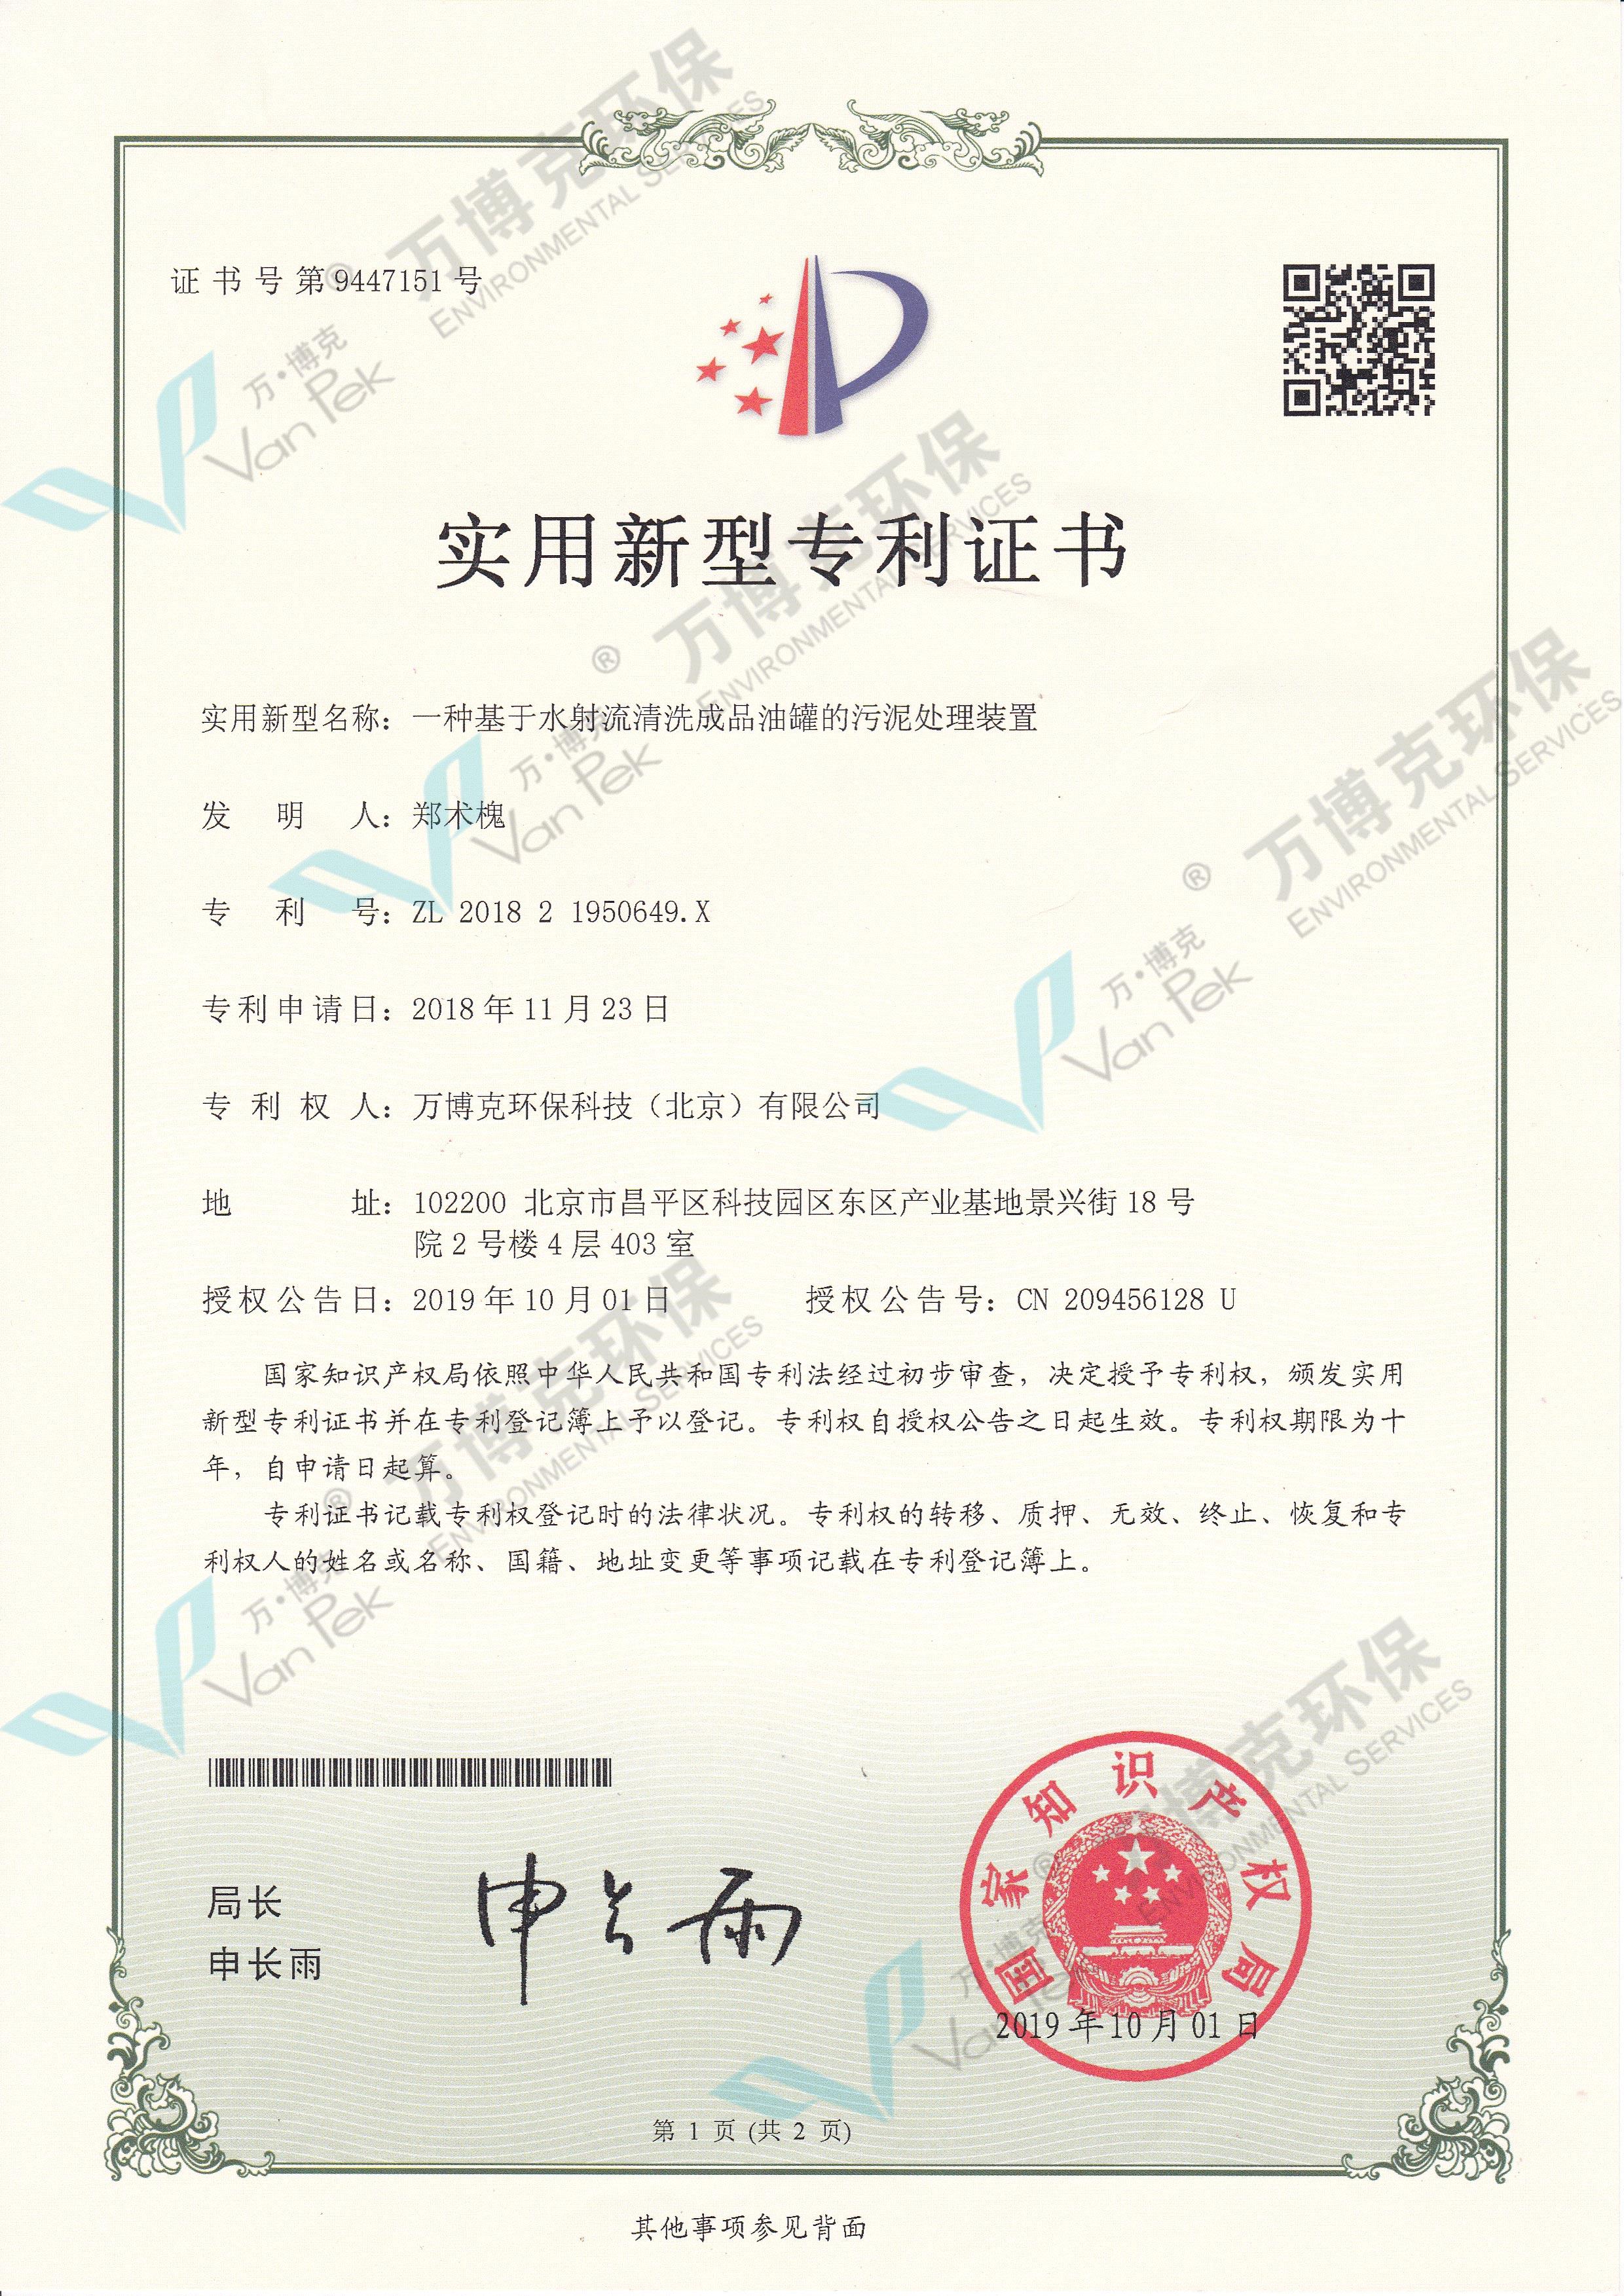 2019年10月,万博克荣获污泥处理装置实用新型专利证书